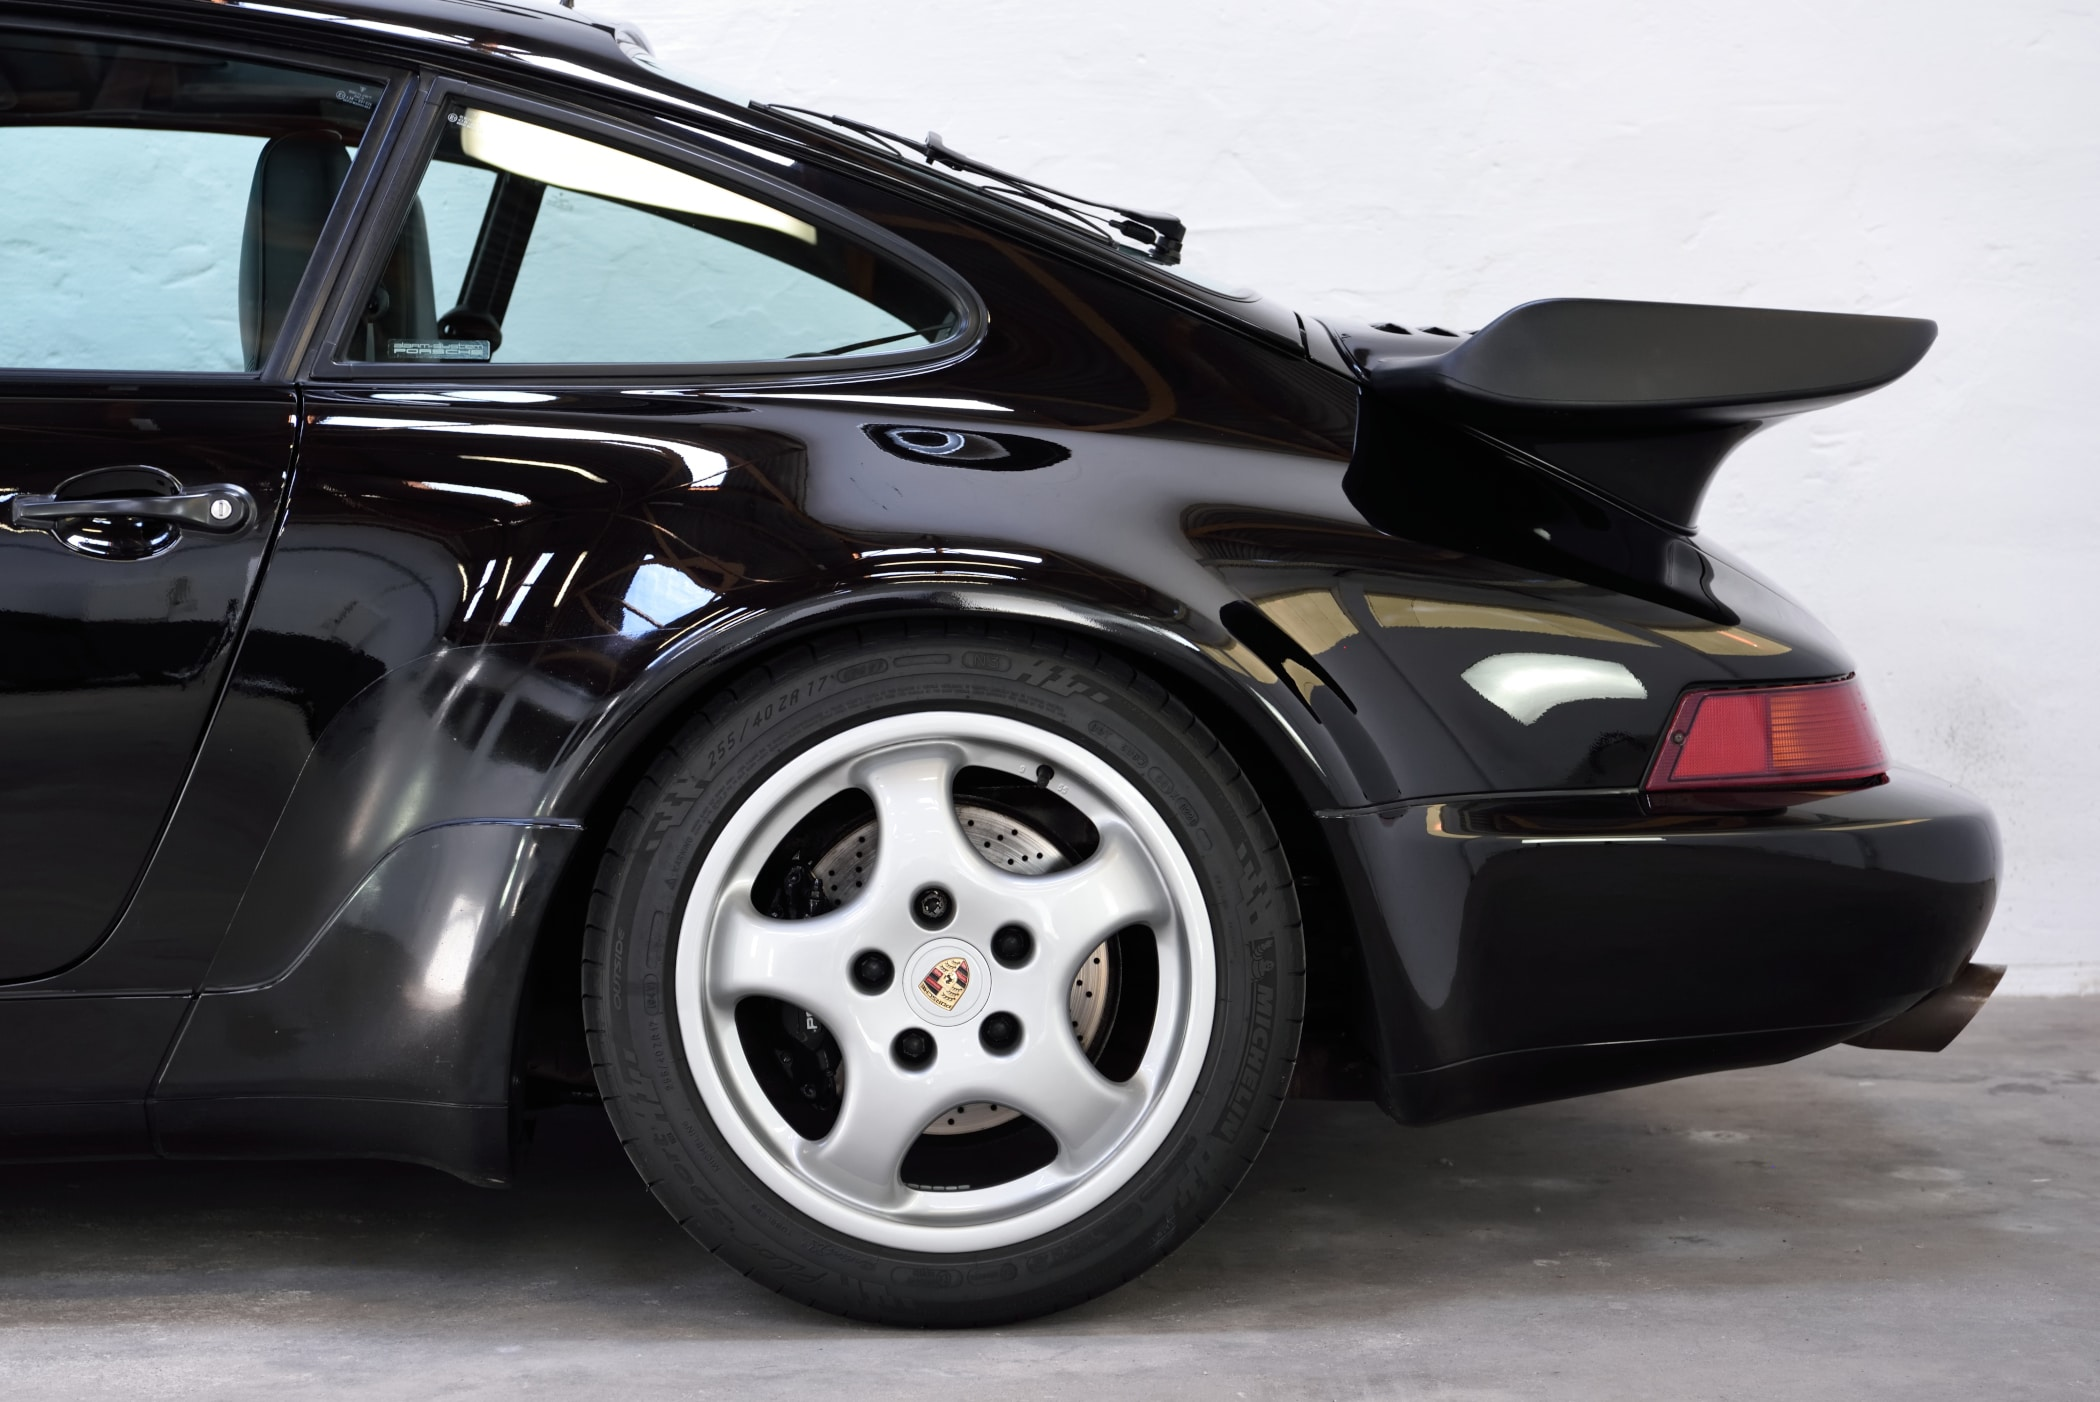 Porsche 964 Turbo schwarzmetallic